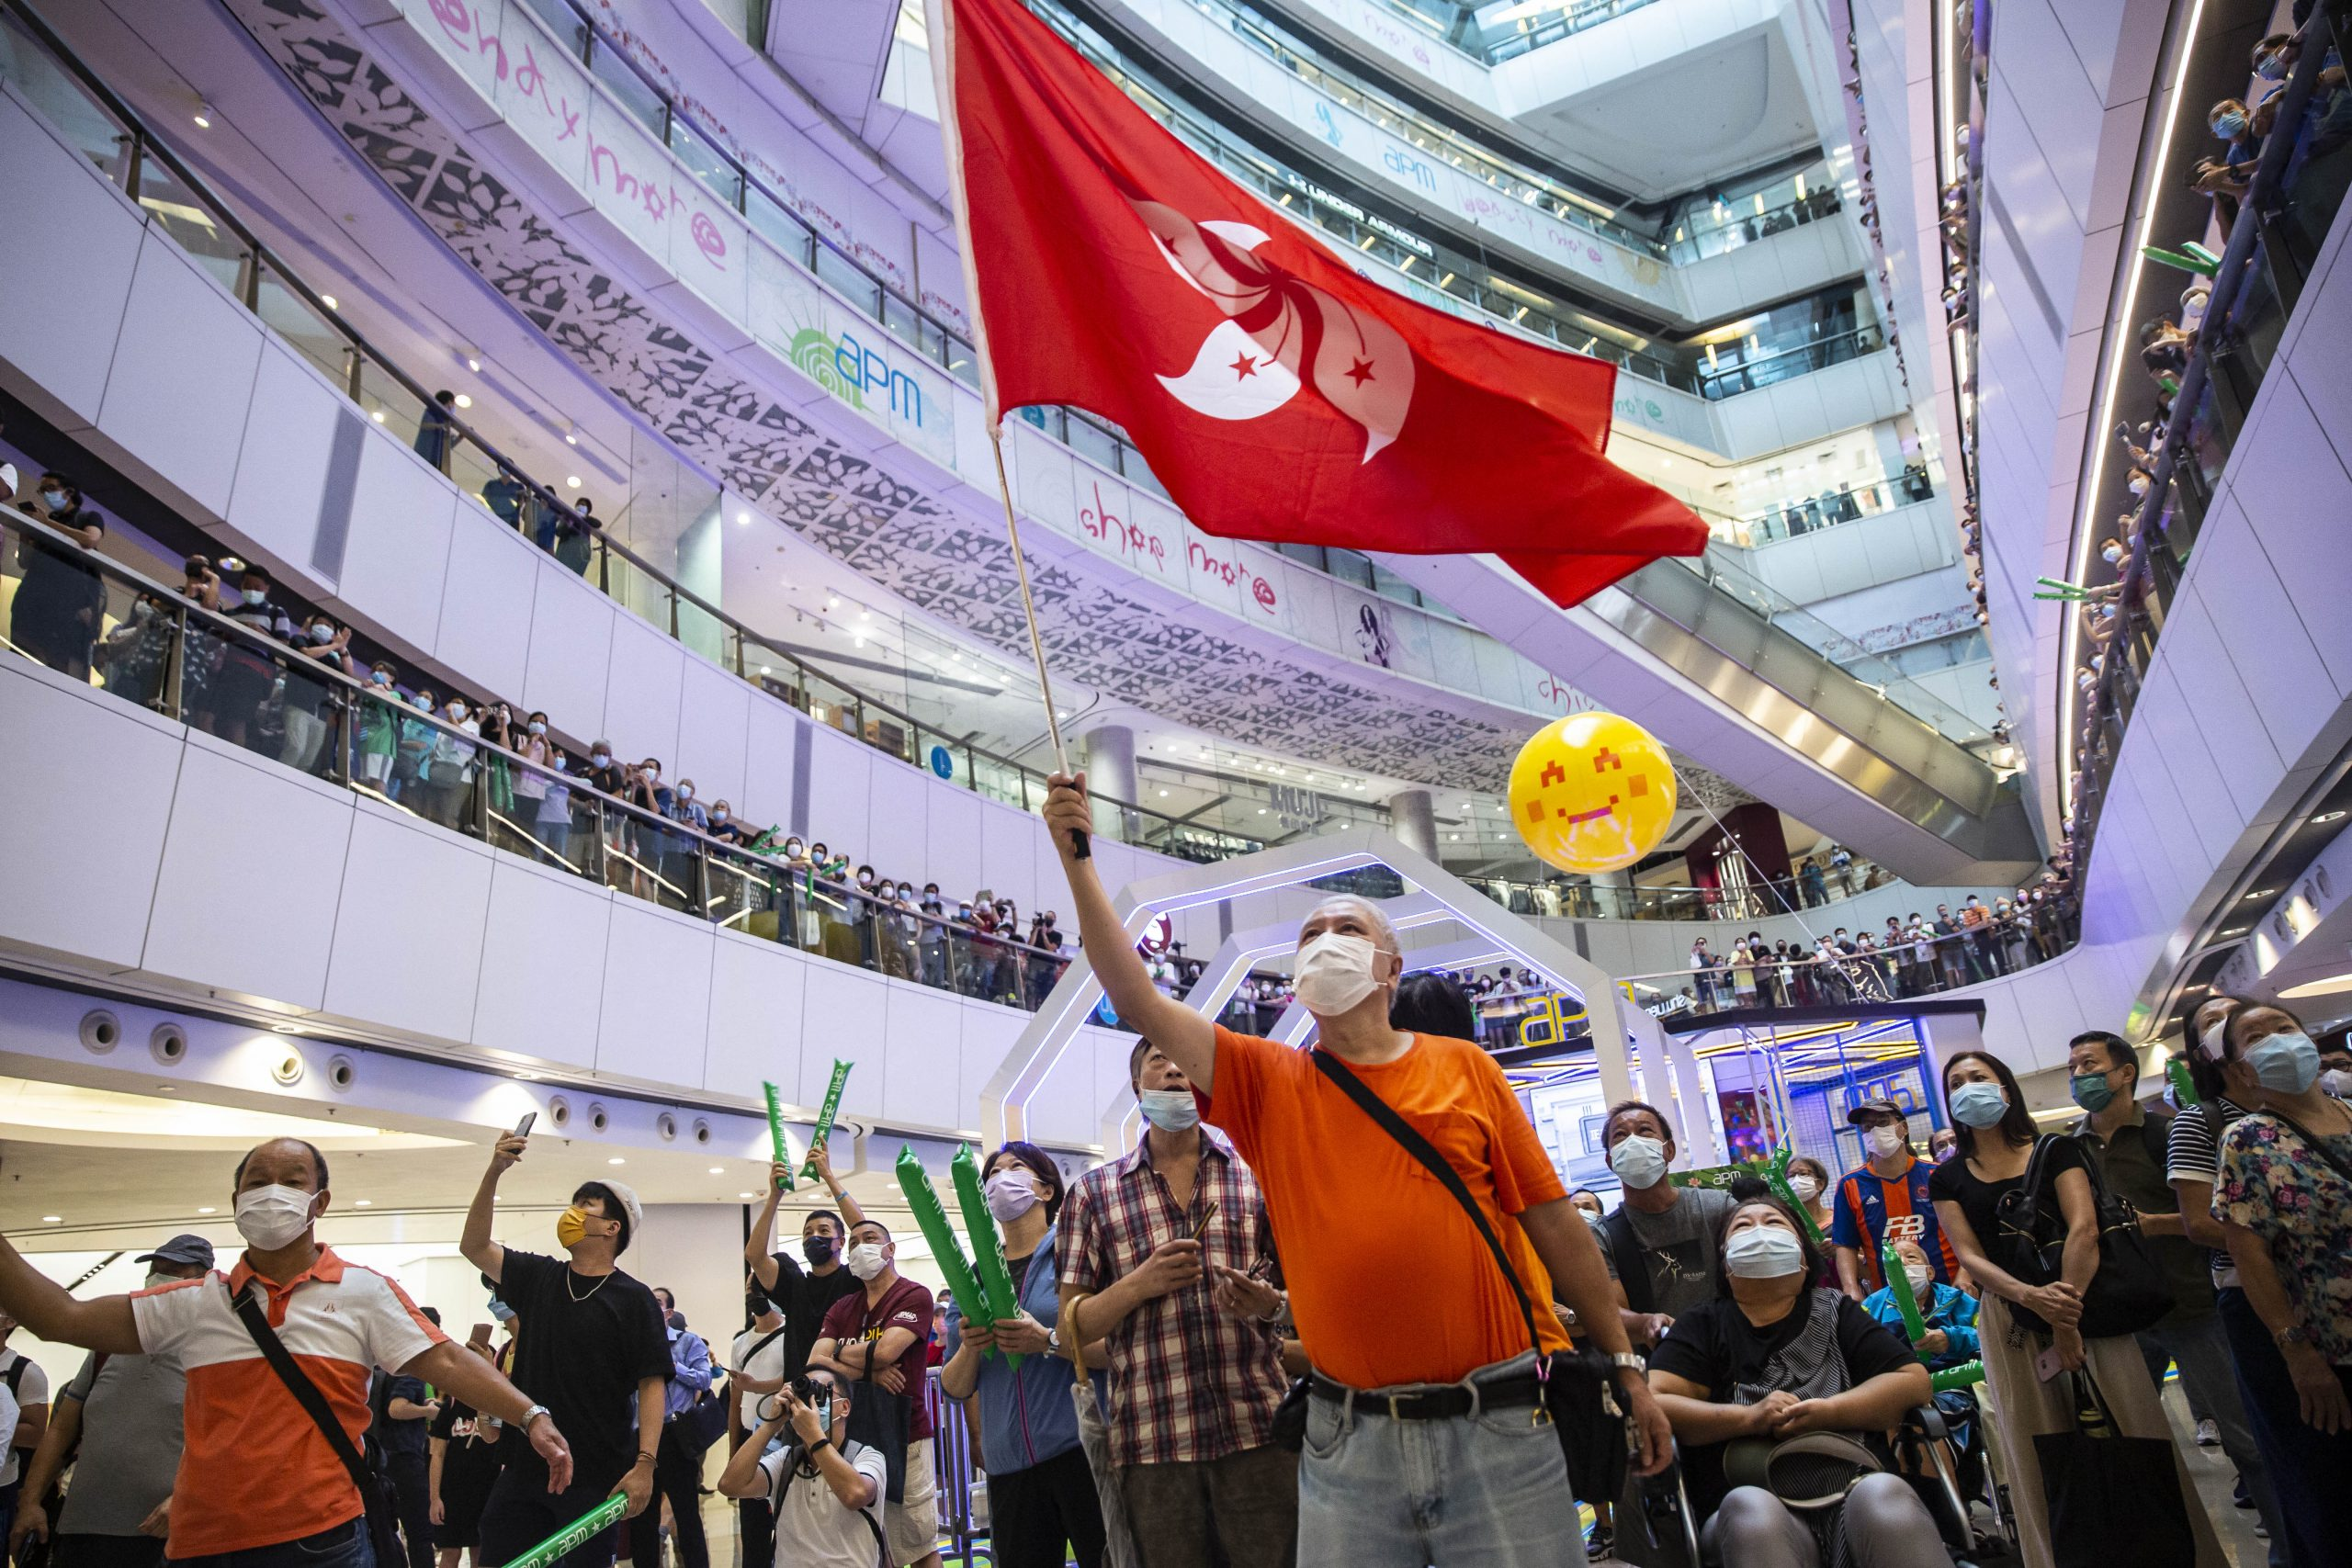 Kritische Gesänge über KP Chinas: Polizei in Hongkong geht gegen Olympia-Fans vor